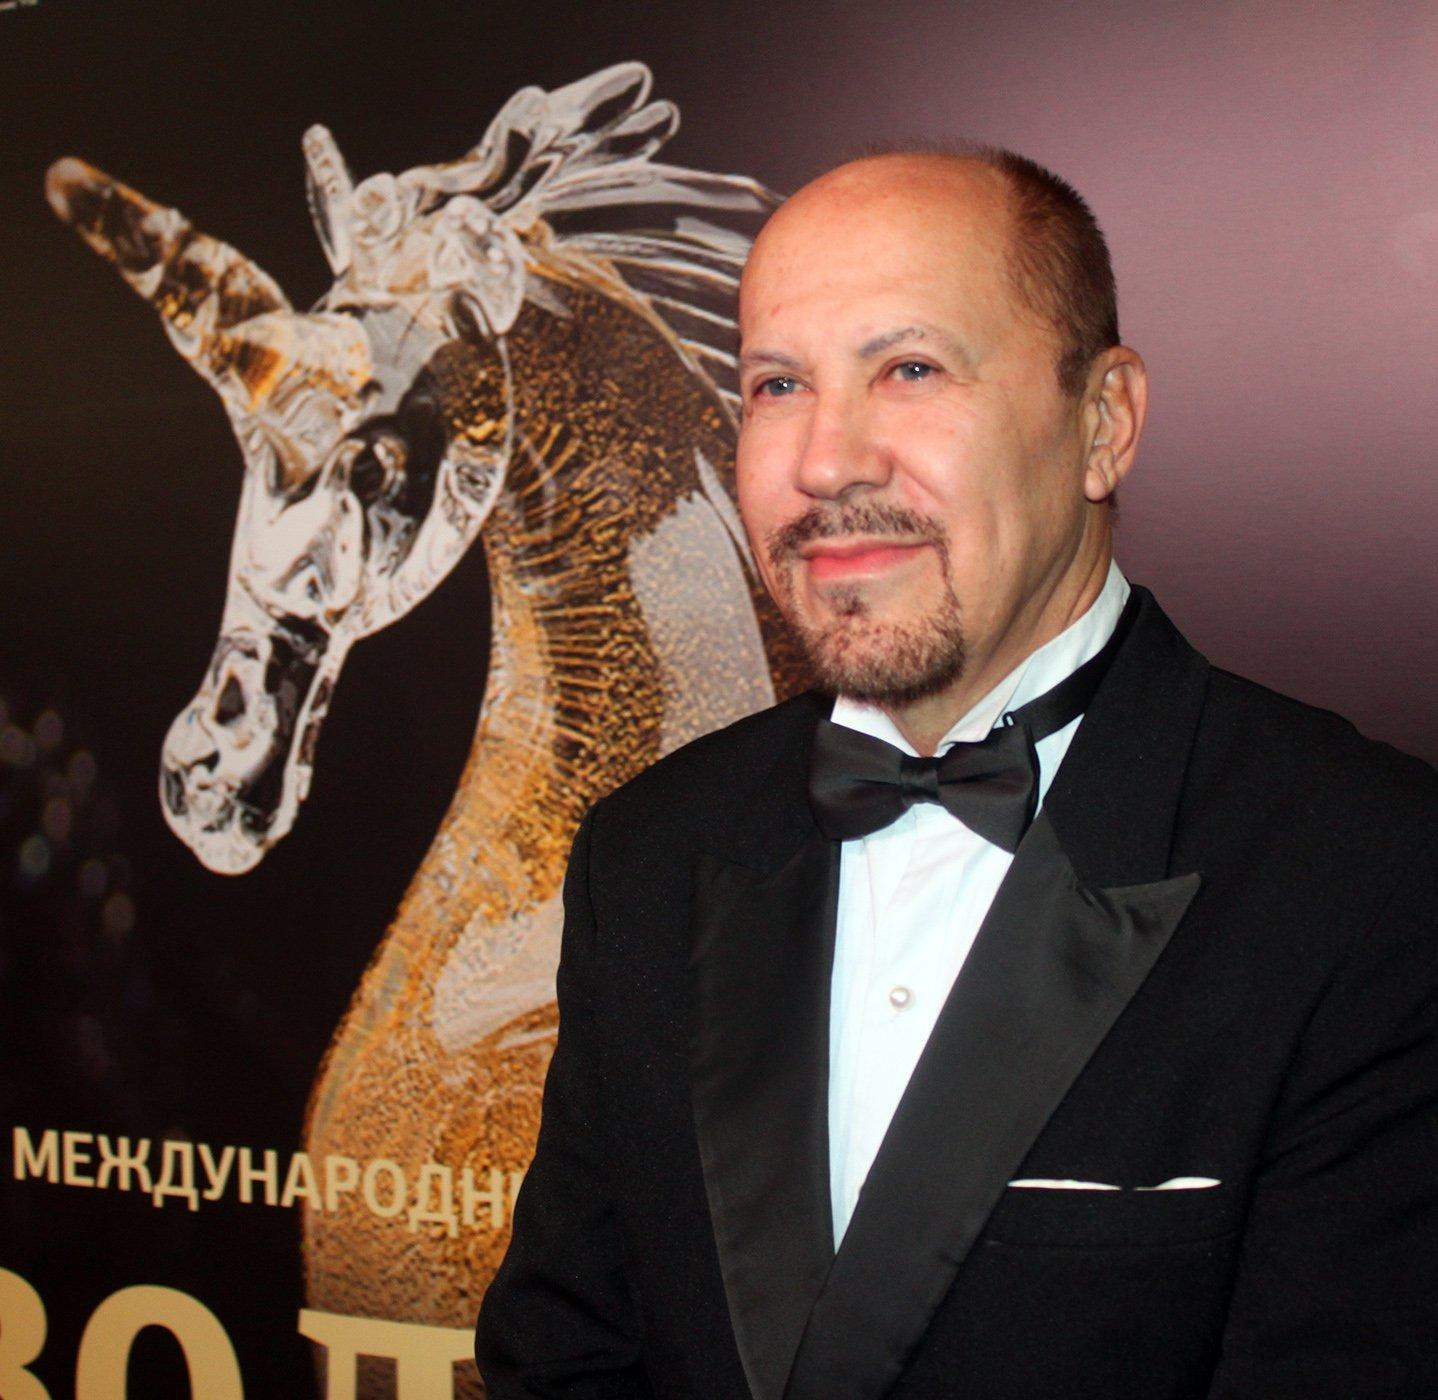 """Héctor Noas confesó sentirse nervioso en el estreno de """"Sergio y Serguéi"""" en Moscú."""